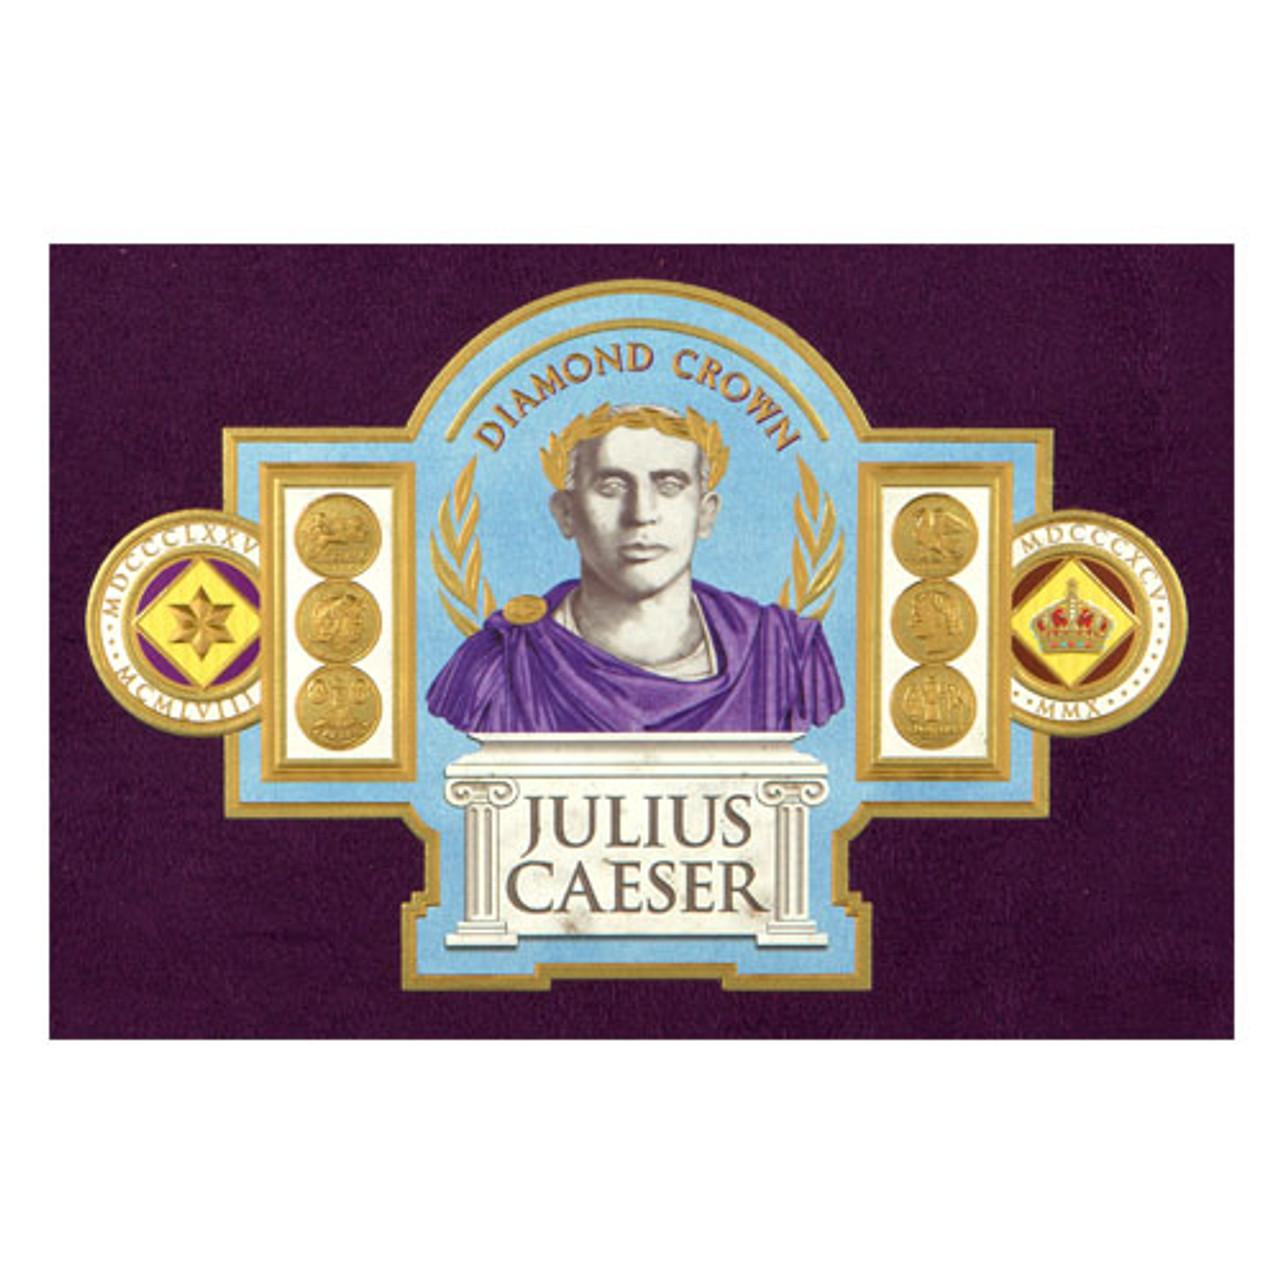 Diamond Crown Julius Caesar Robusto Cigars - 4.75 x 52 (Box of 20)